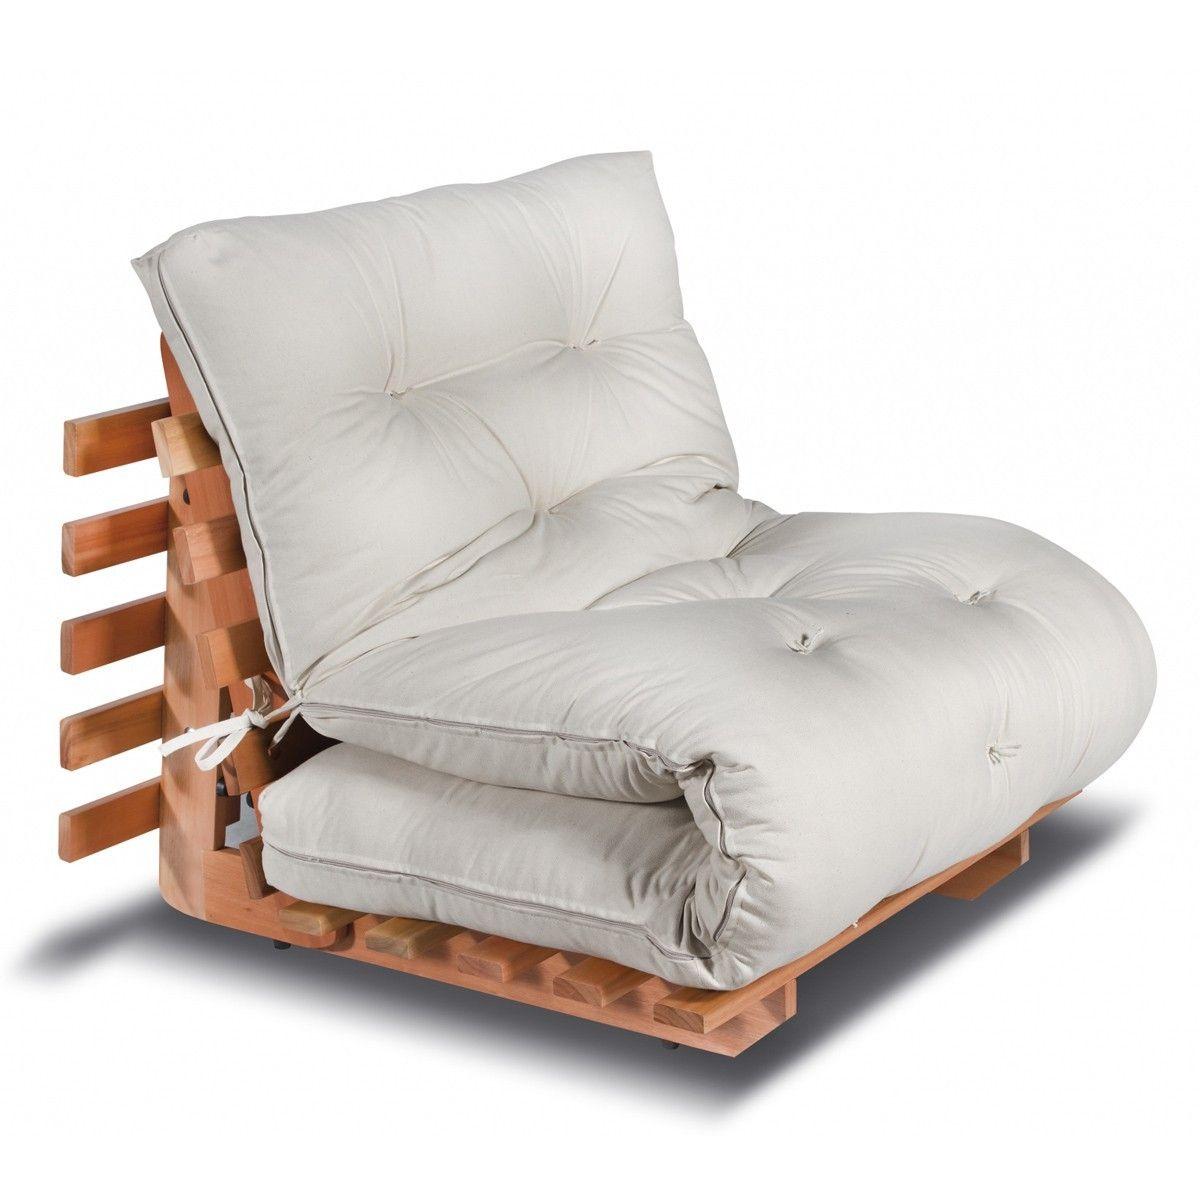 sofa e colchao osasco bed designs o sofá cama futon japonês solteiro com estrutura off white